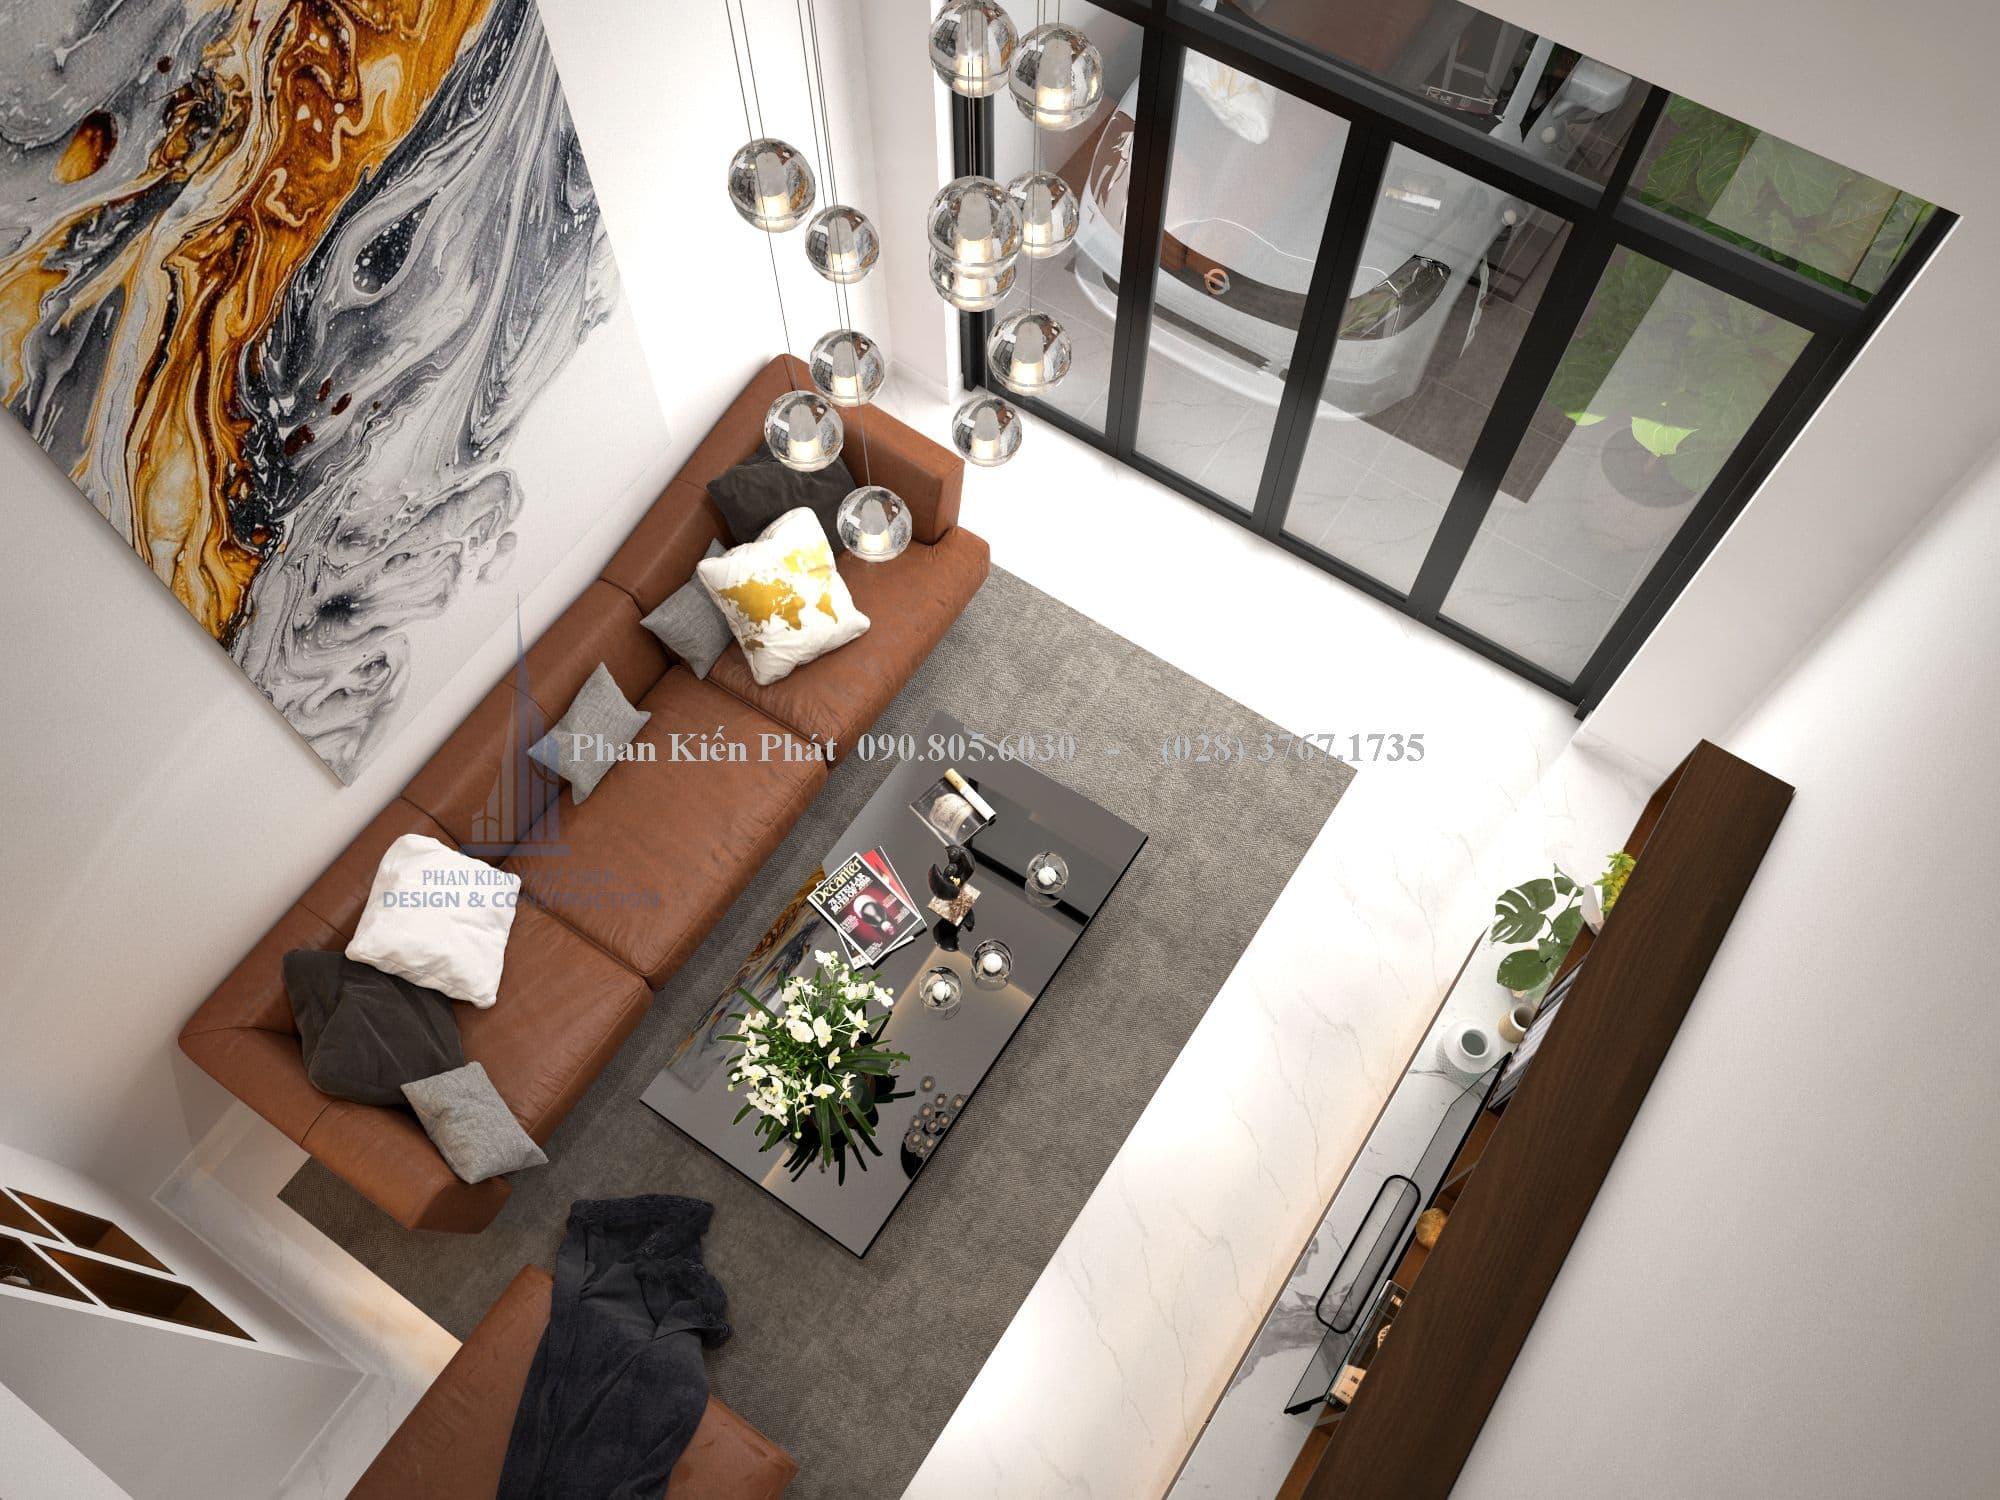 Đèn chùm cao cấp sẽ tạo điểm nhân ấn tượng cho phòng khách